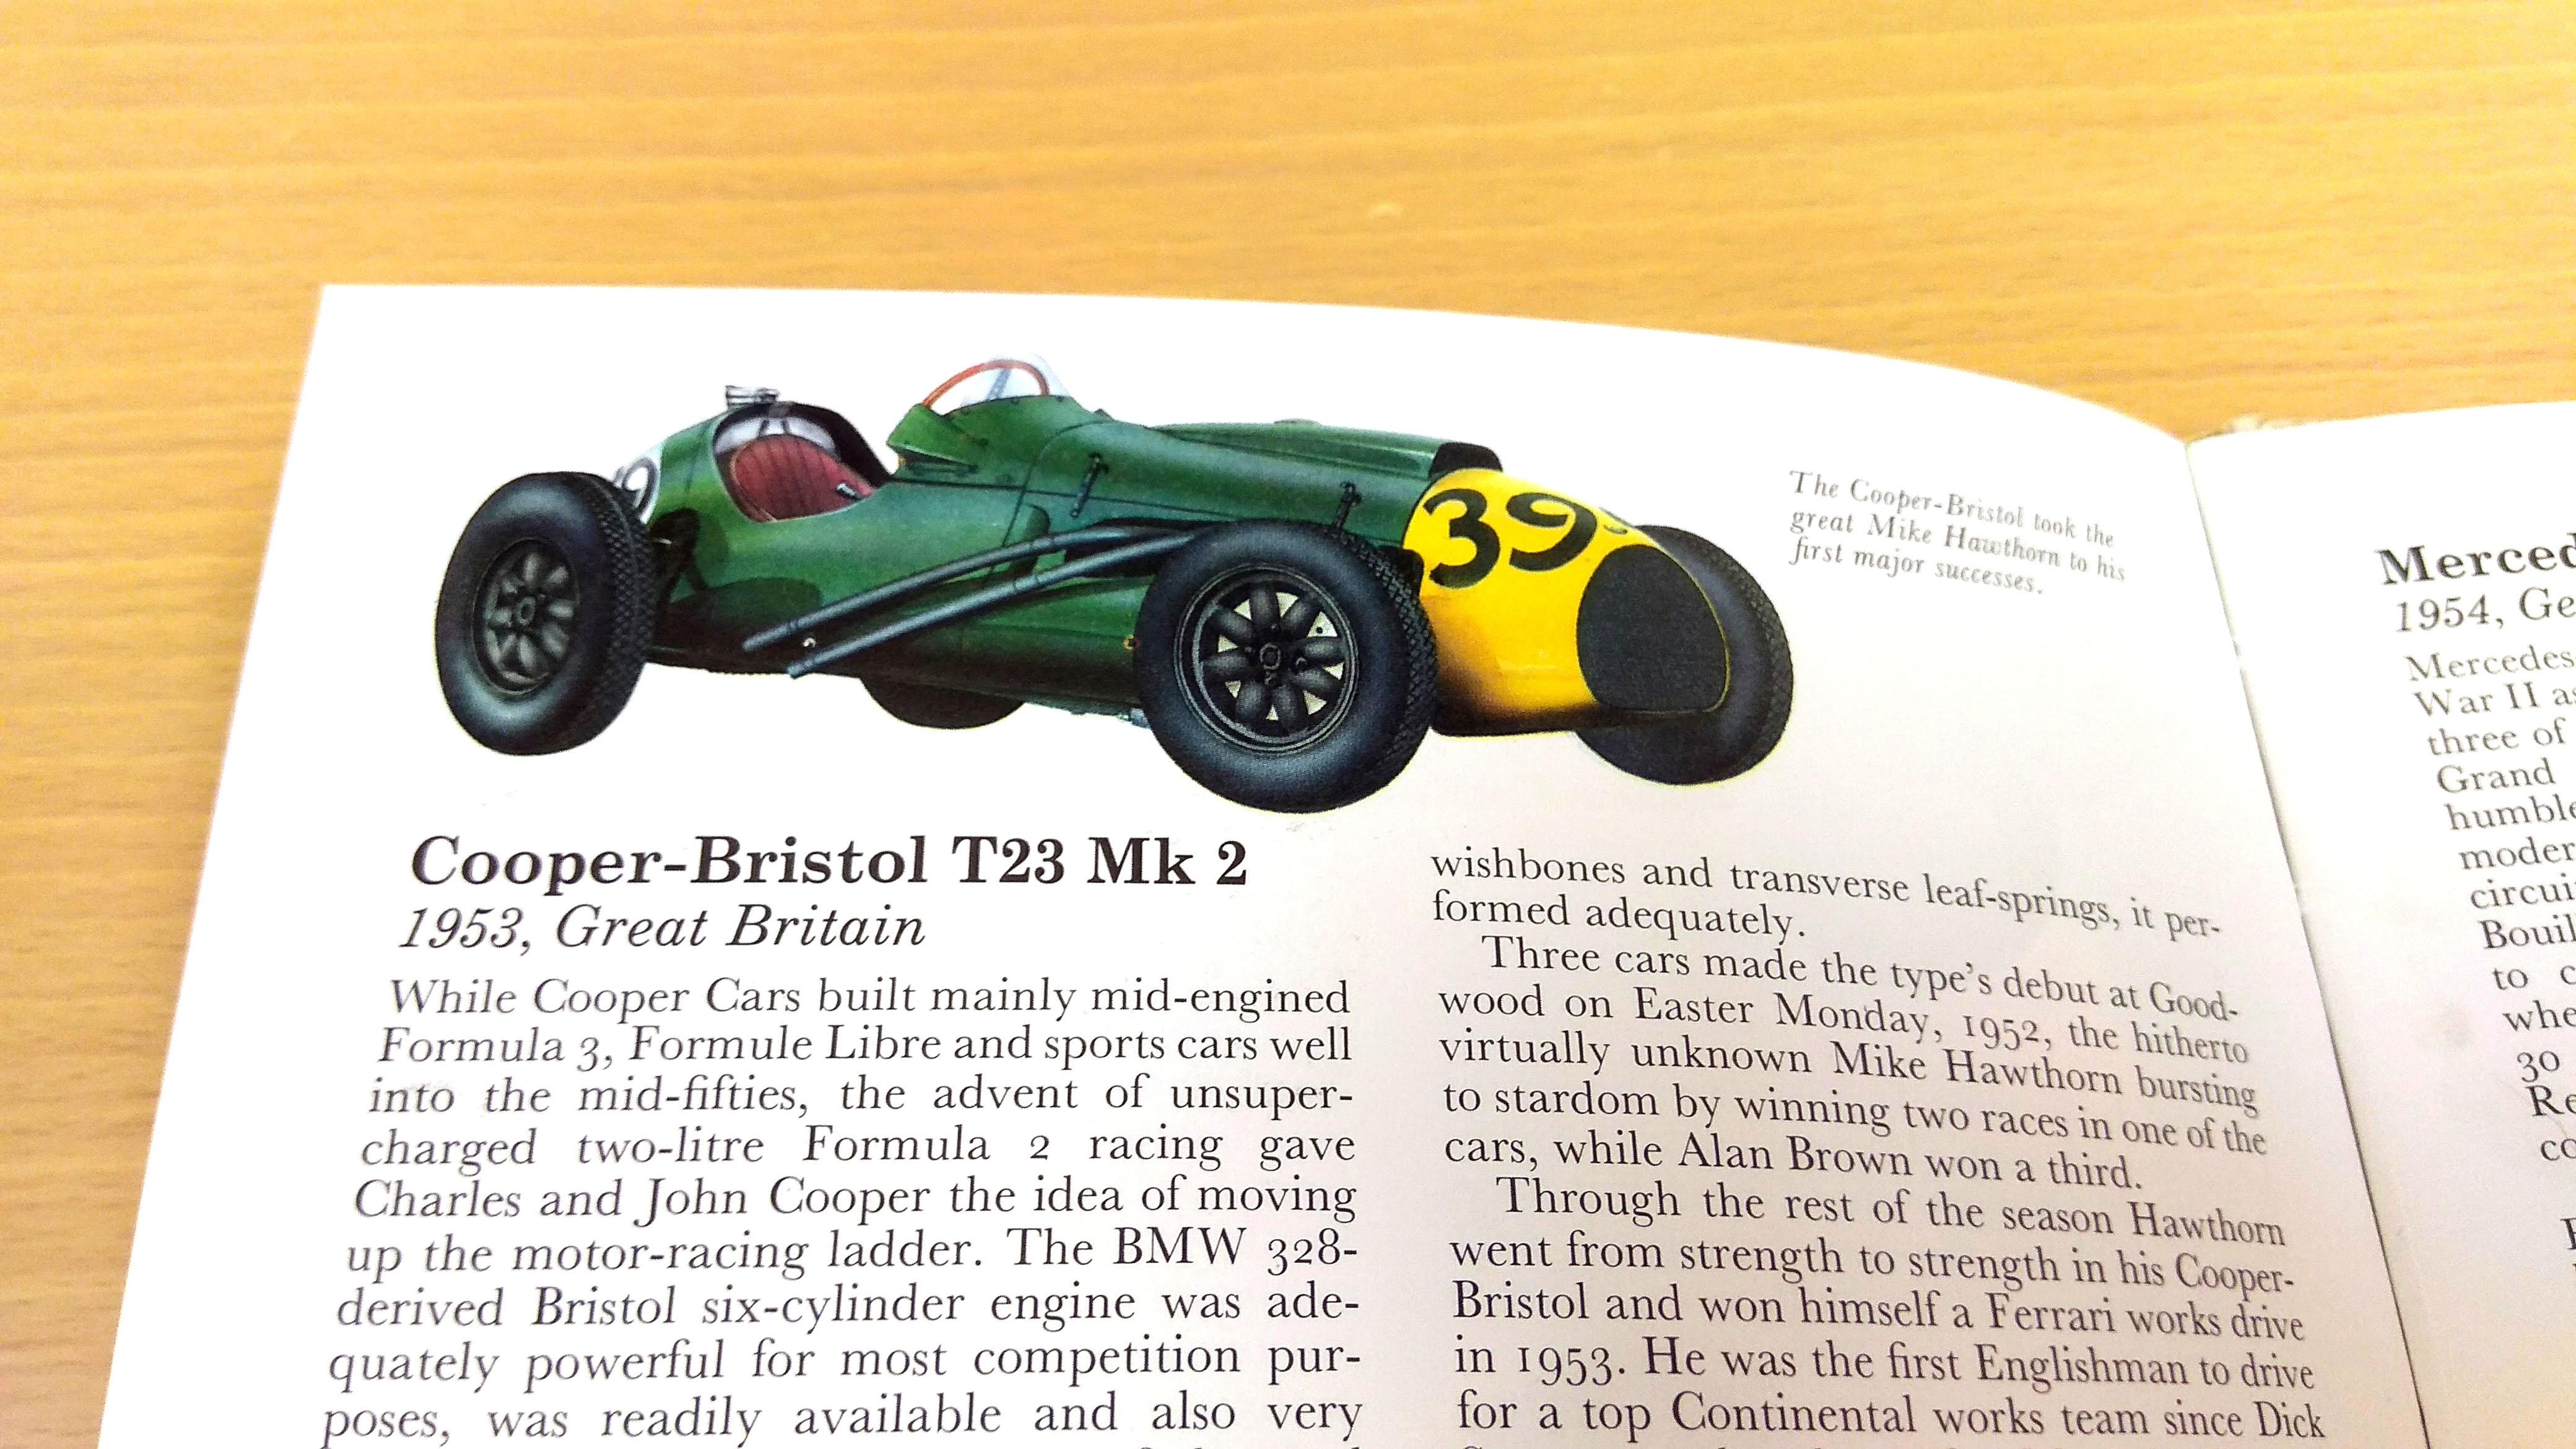 Cooper Bristol T23